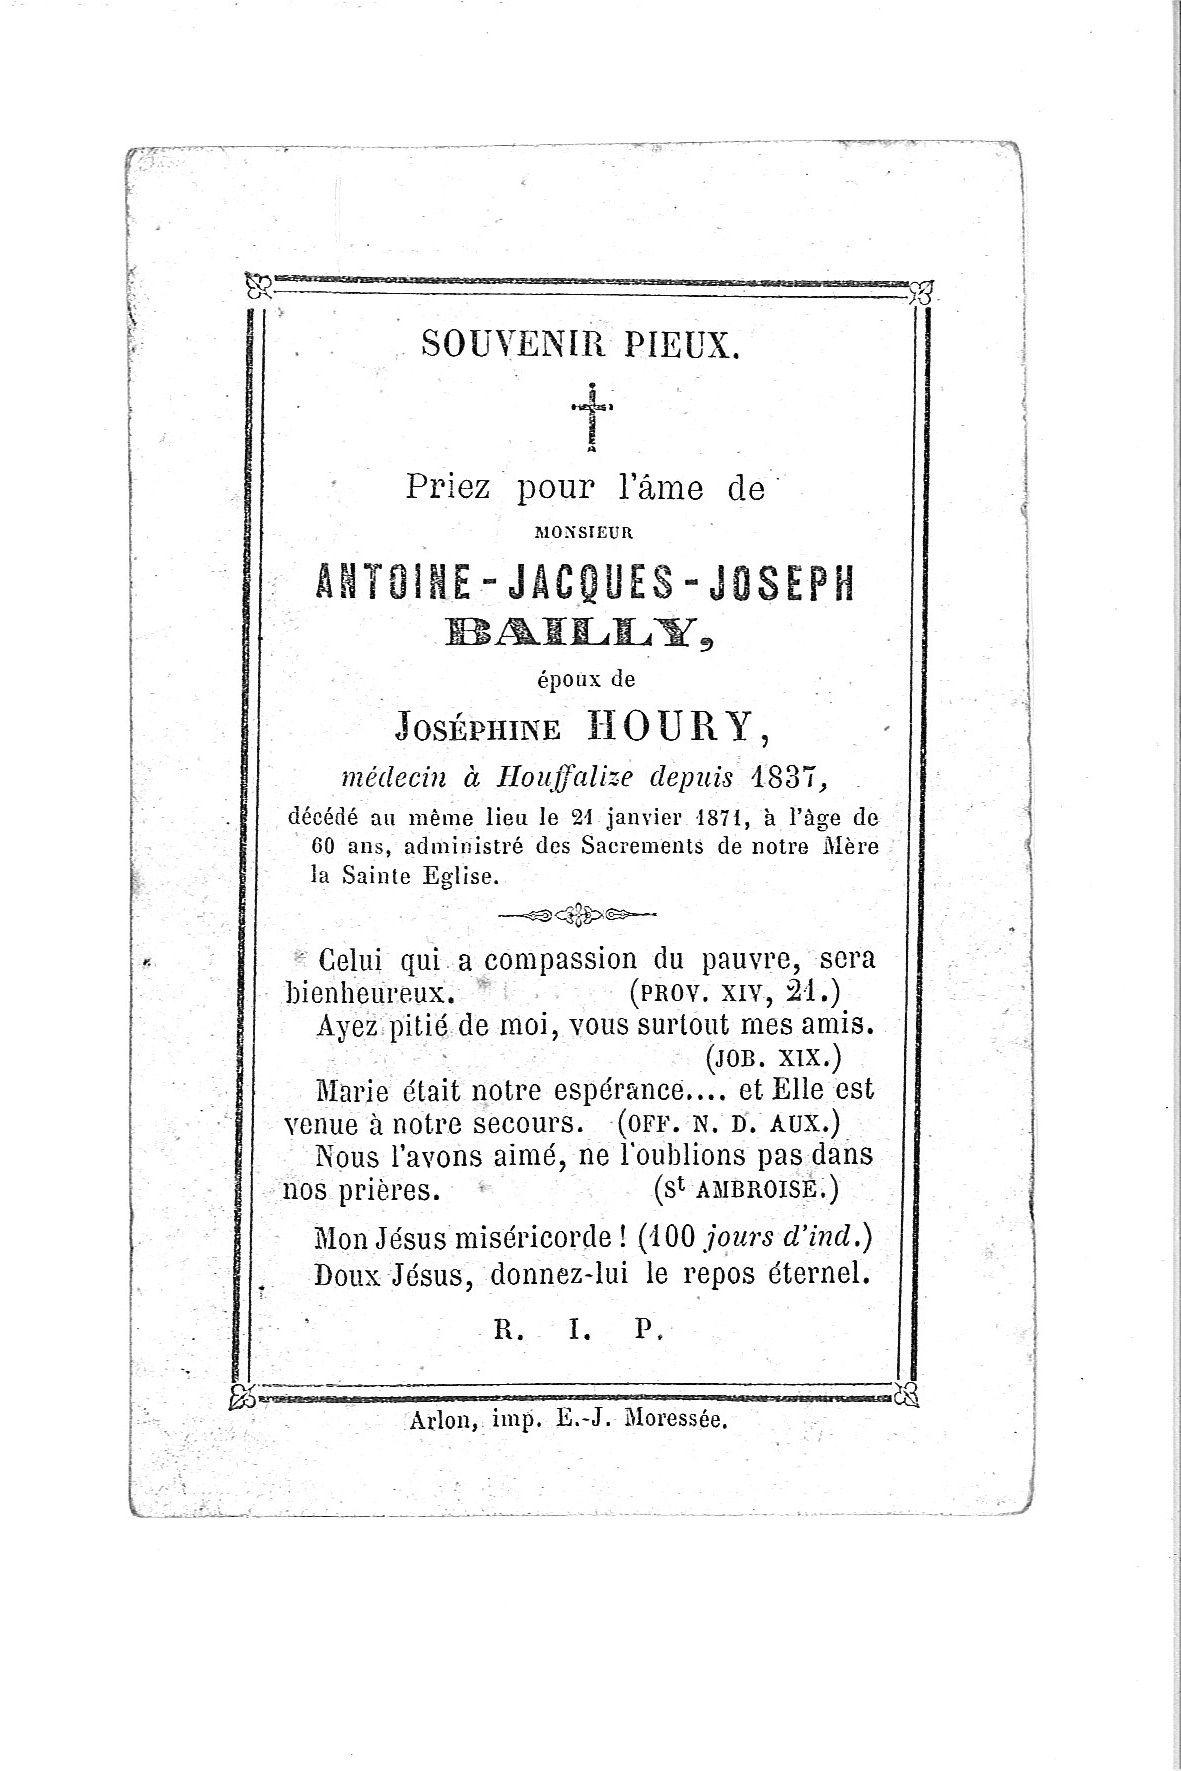 Antoine-Jacques-Joseph(1871)20090803155703_00042.jpg